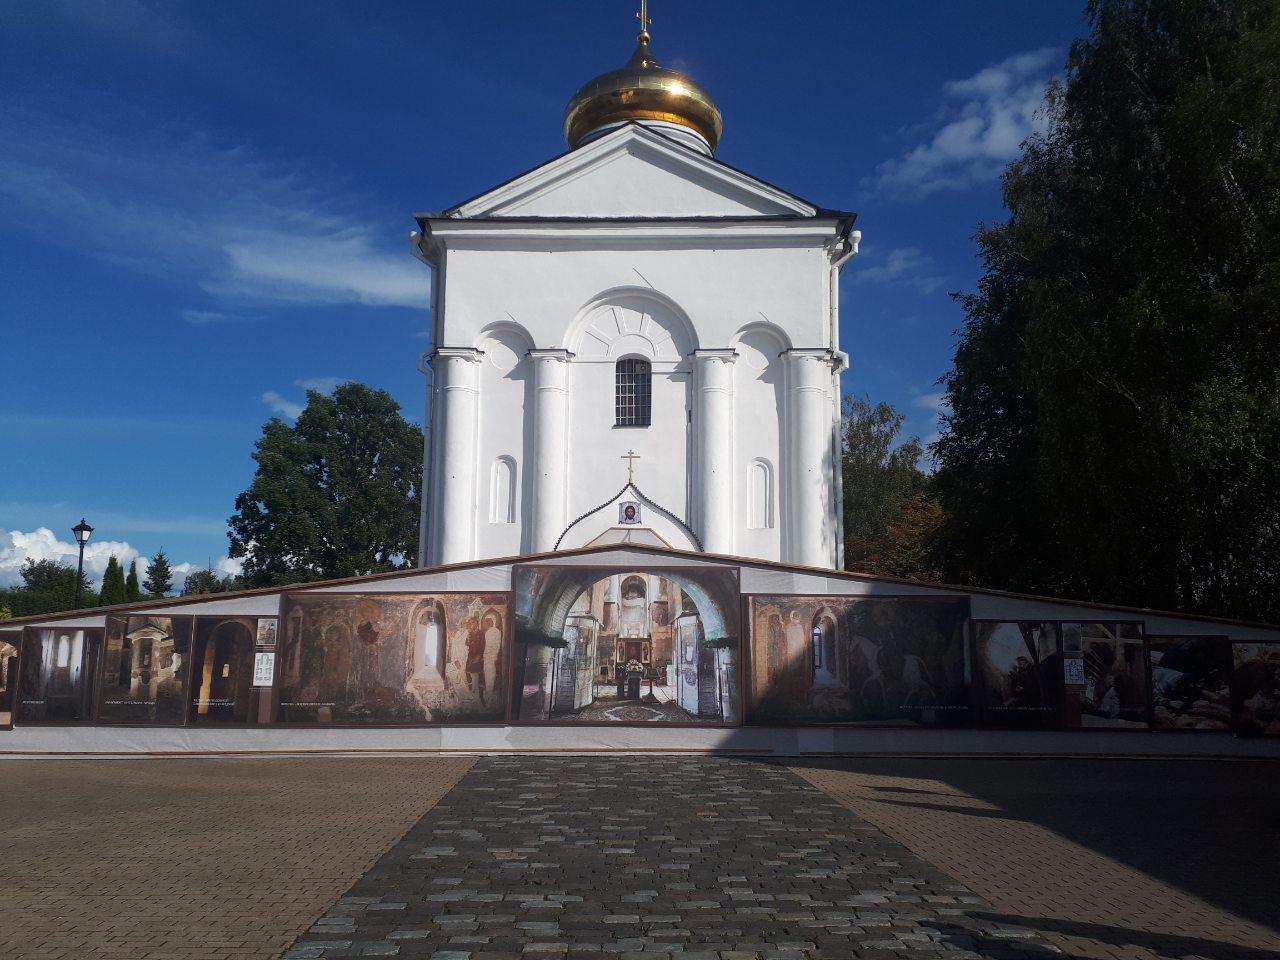 image 0 02 04 4d5dfb218cd7f7fafe667503e95d0650f5379e269d92243306b545aaa48f537b V - Спасо-Евфросиниевский монастырь в Полоцке